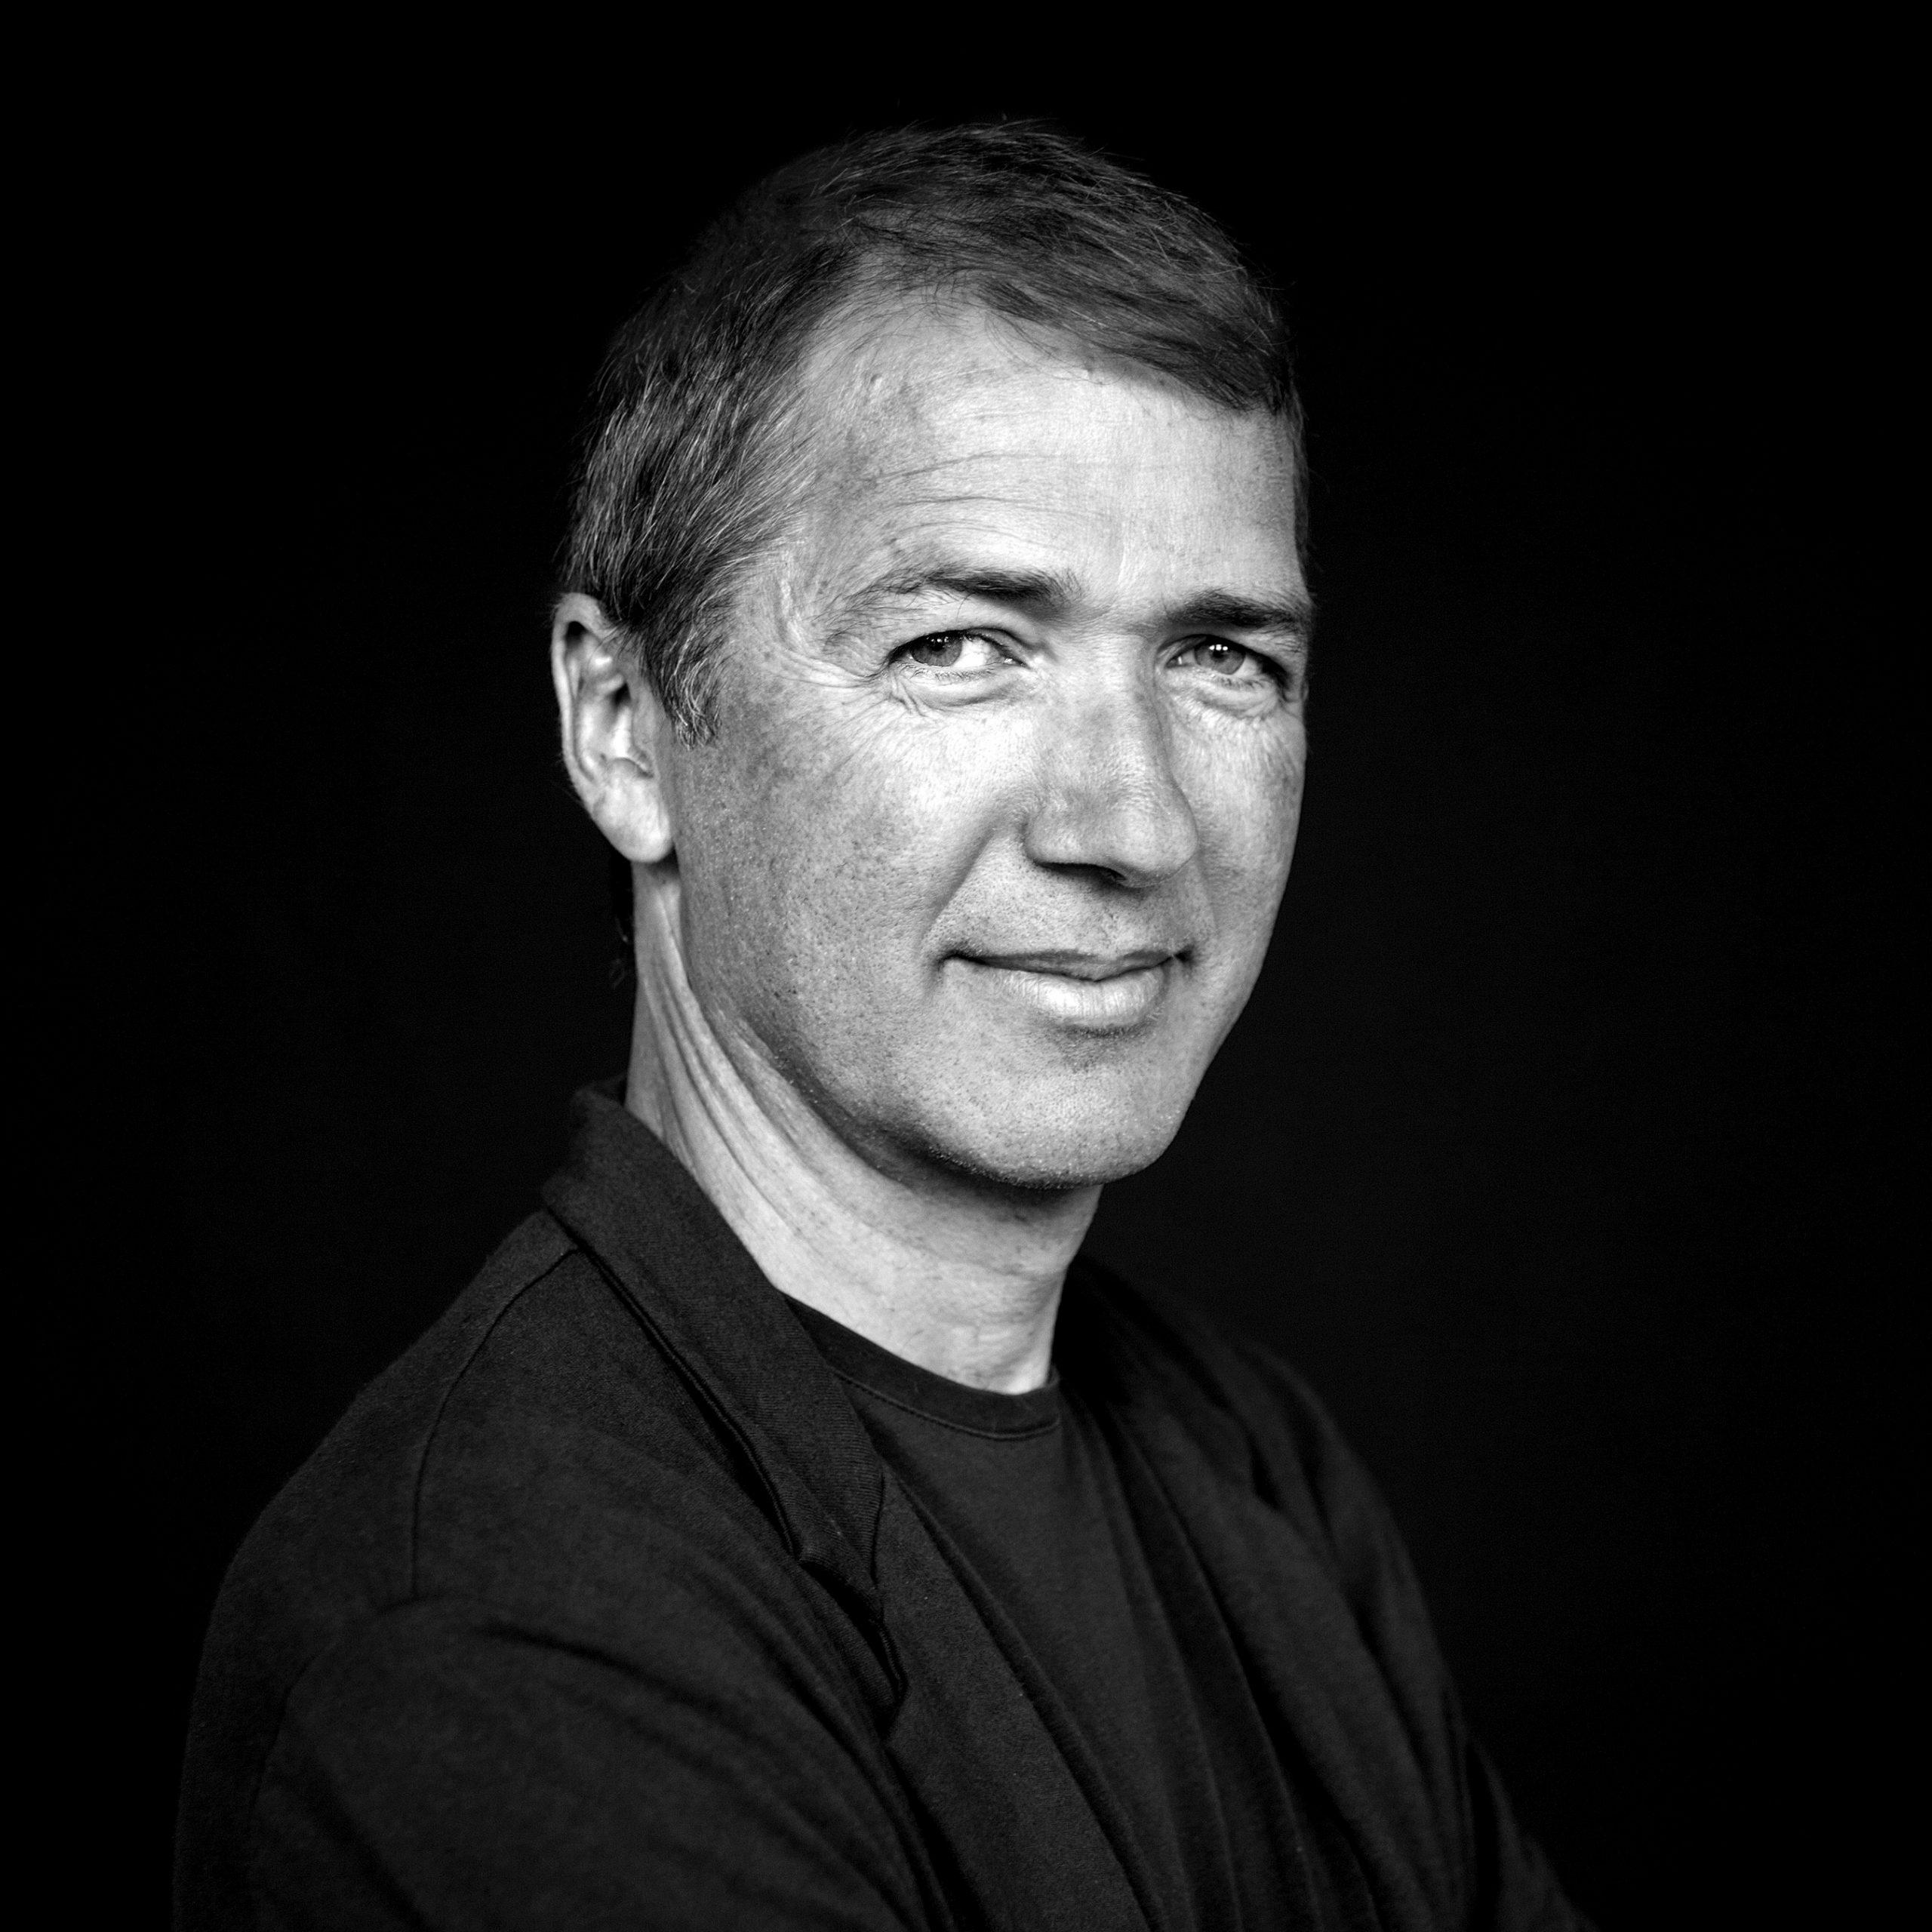 Knut Vaage, portrett av komponisten